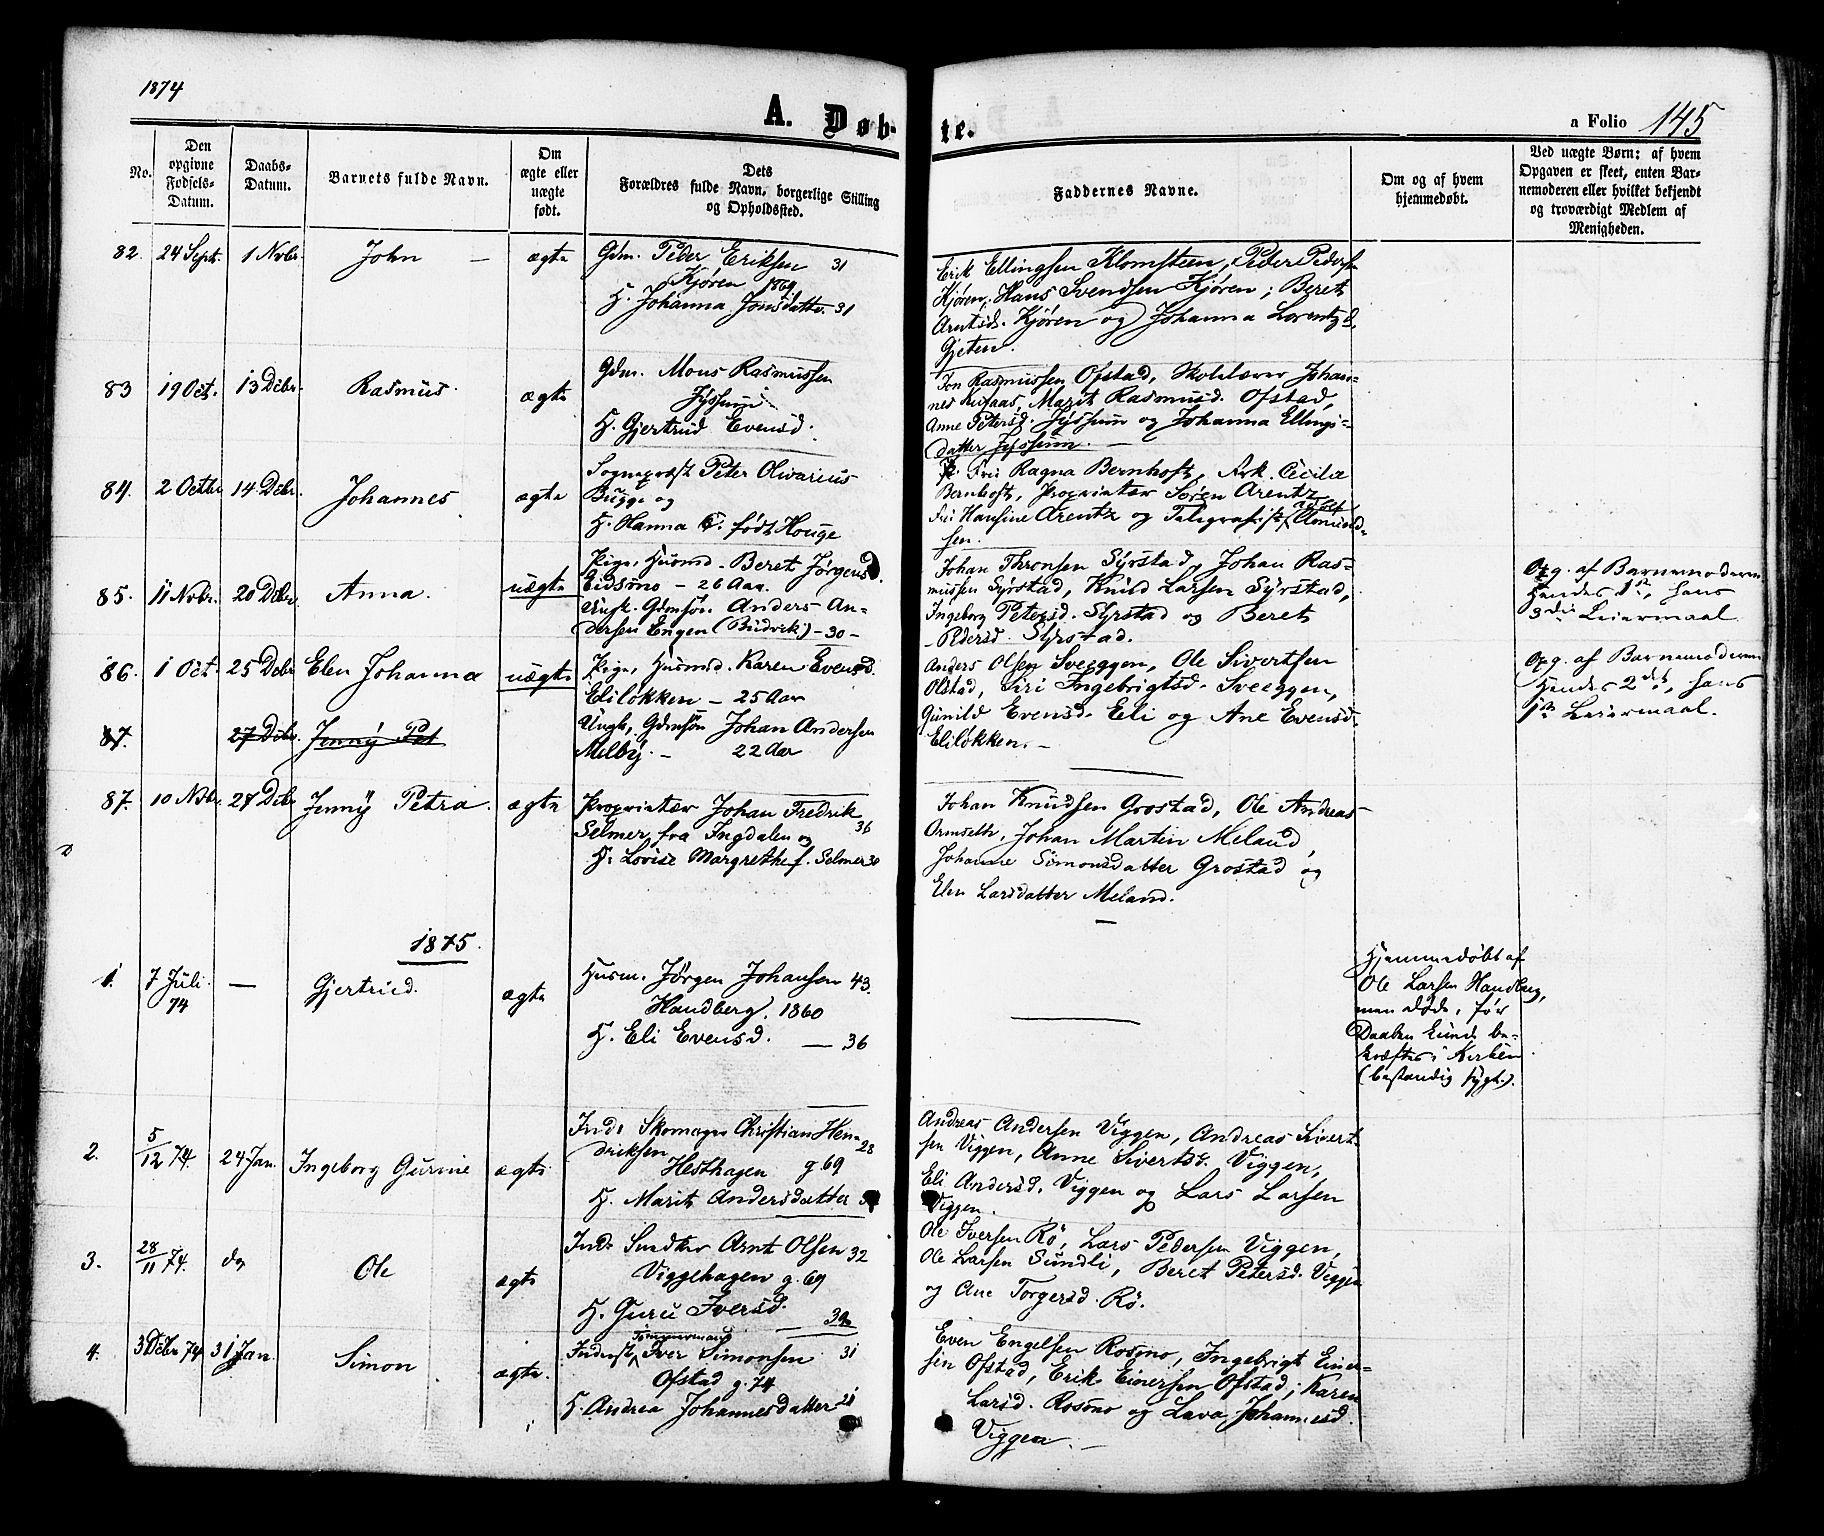 SAT, Ministerialprotokoller, klokkerbøker og fødselsregistre - Sør-Trøndelag, 665/L0772: Ministerialbok nr. 665A07, 1856-1878, s. 145